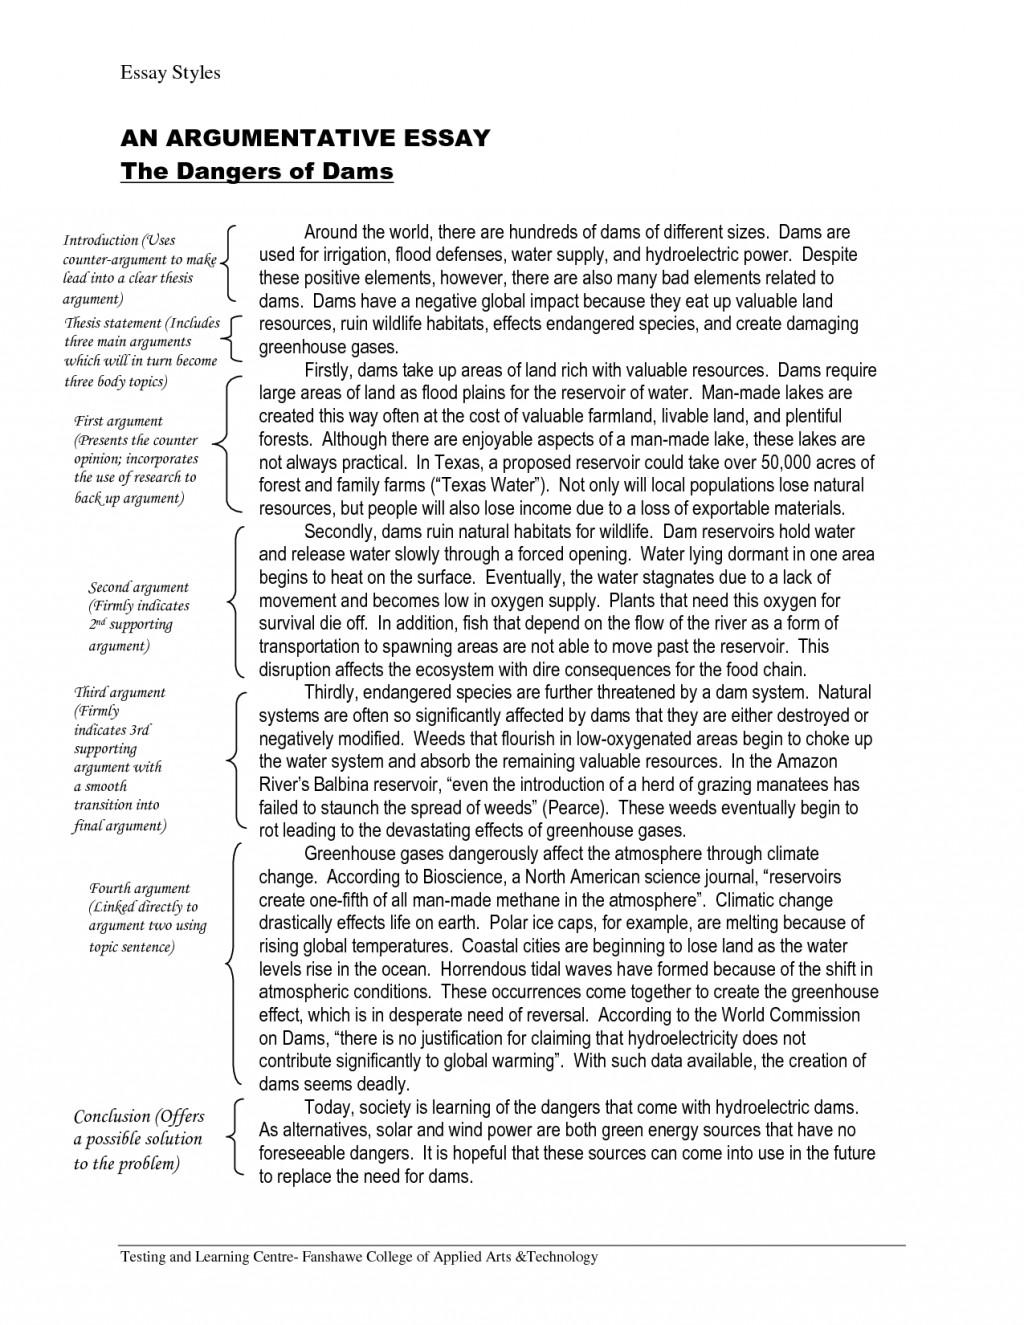 008 Bco7lvomsg Argumentative Essay Sample Dreaded Writing Outline Persuasive Samples Grade 7 Apa Large